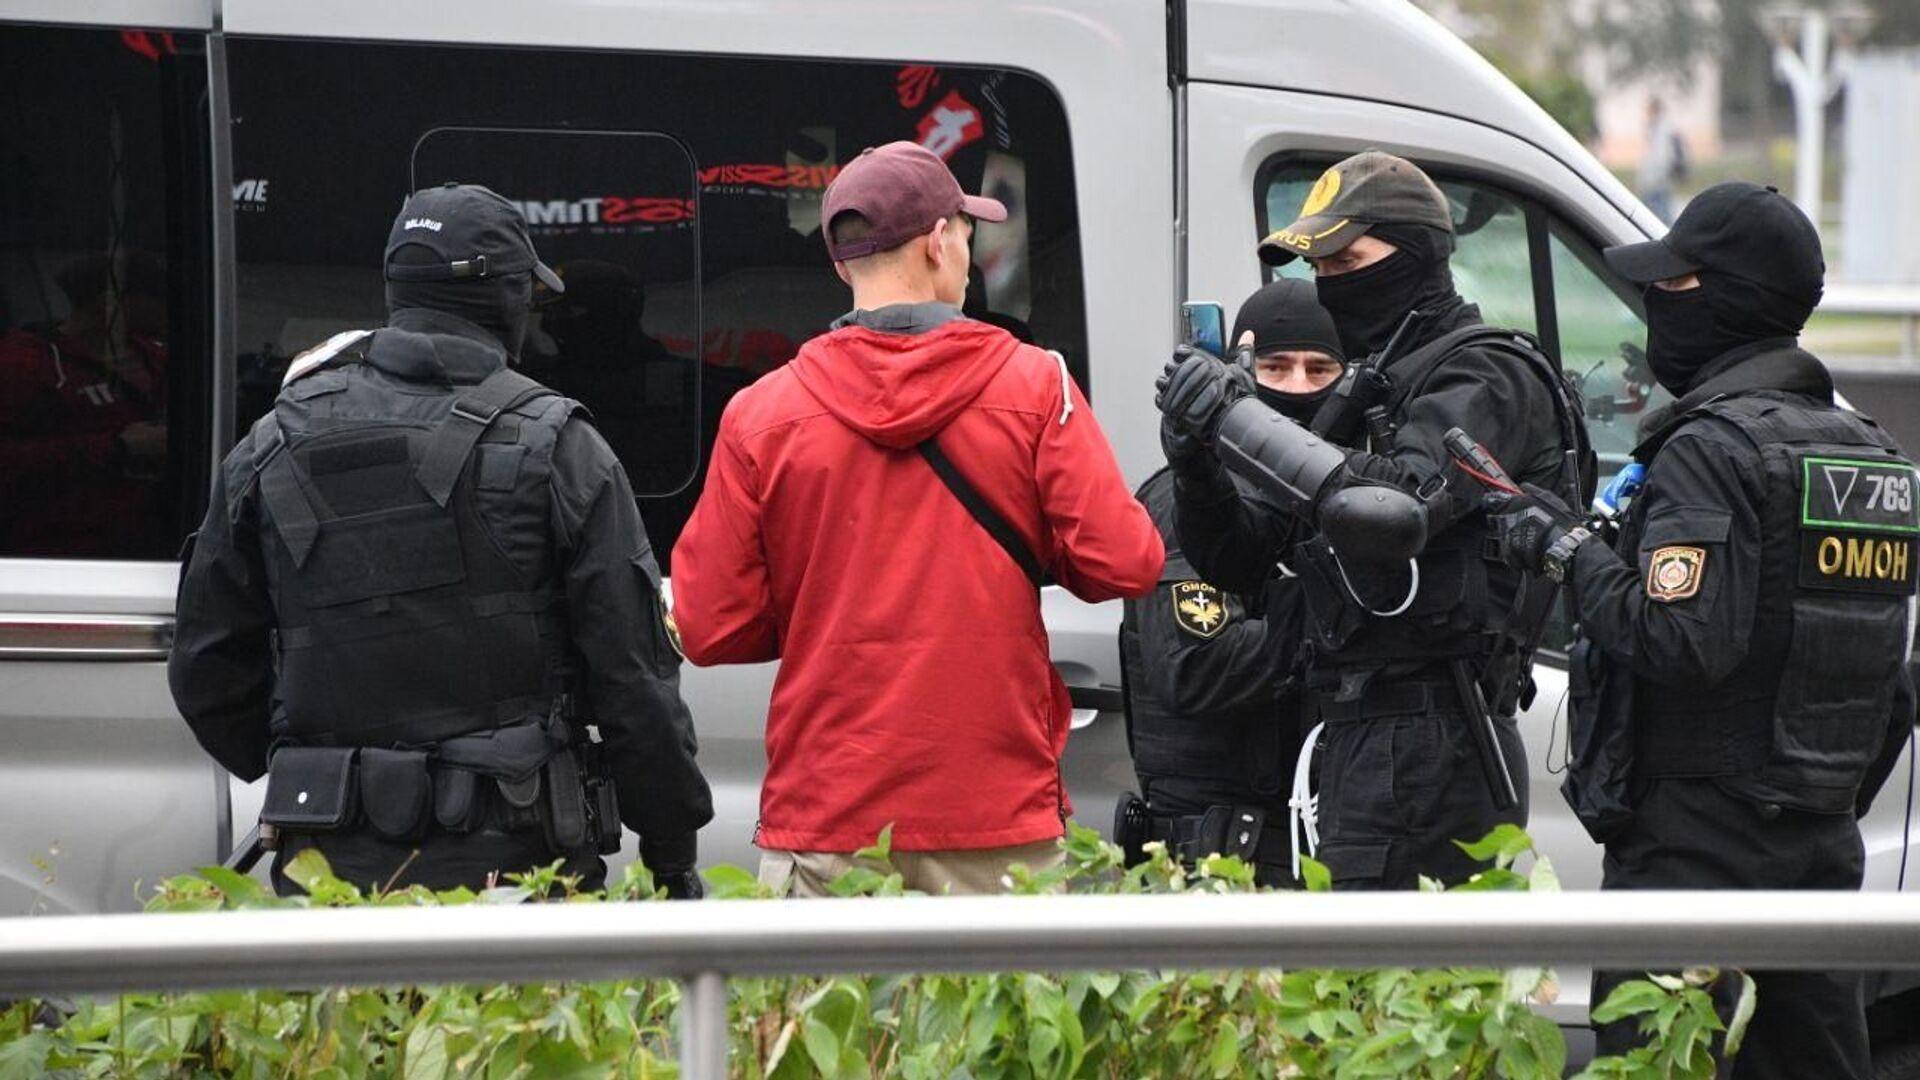 Běloruská policie zasahuje v Minsku - Sputnik Česká republika, 1920, 23.05.2021